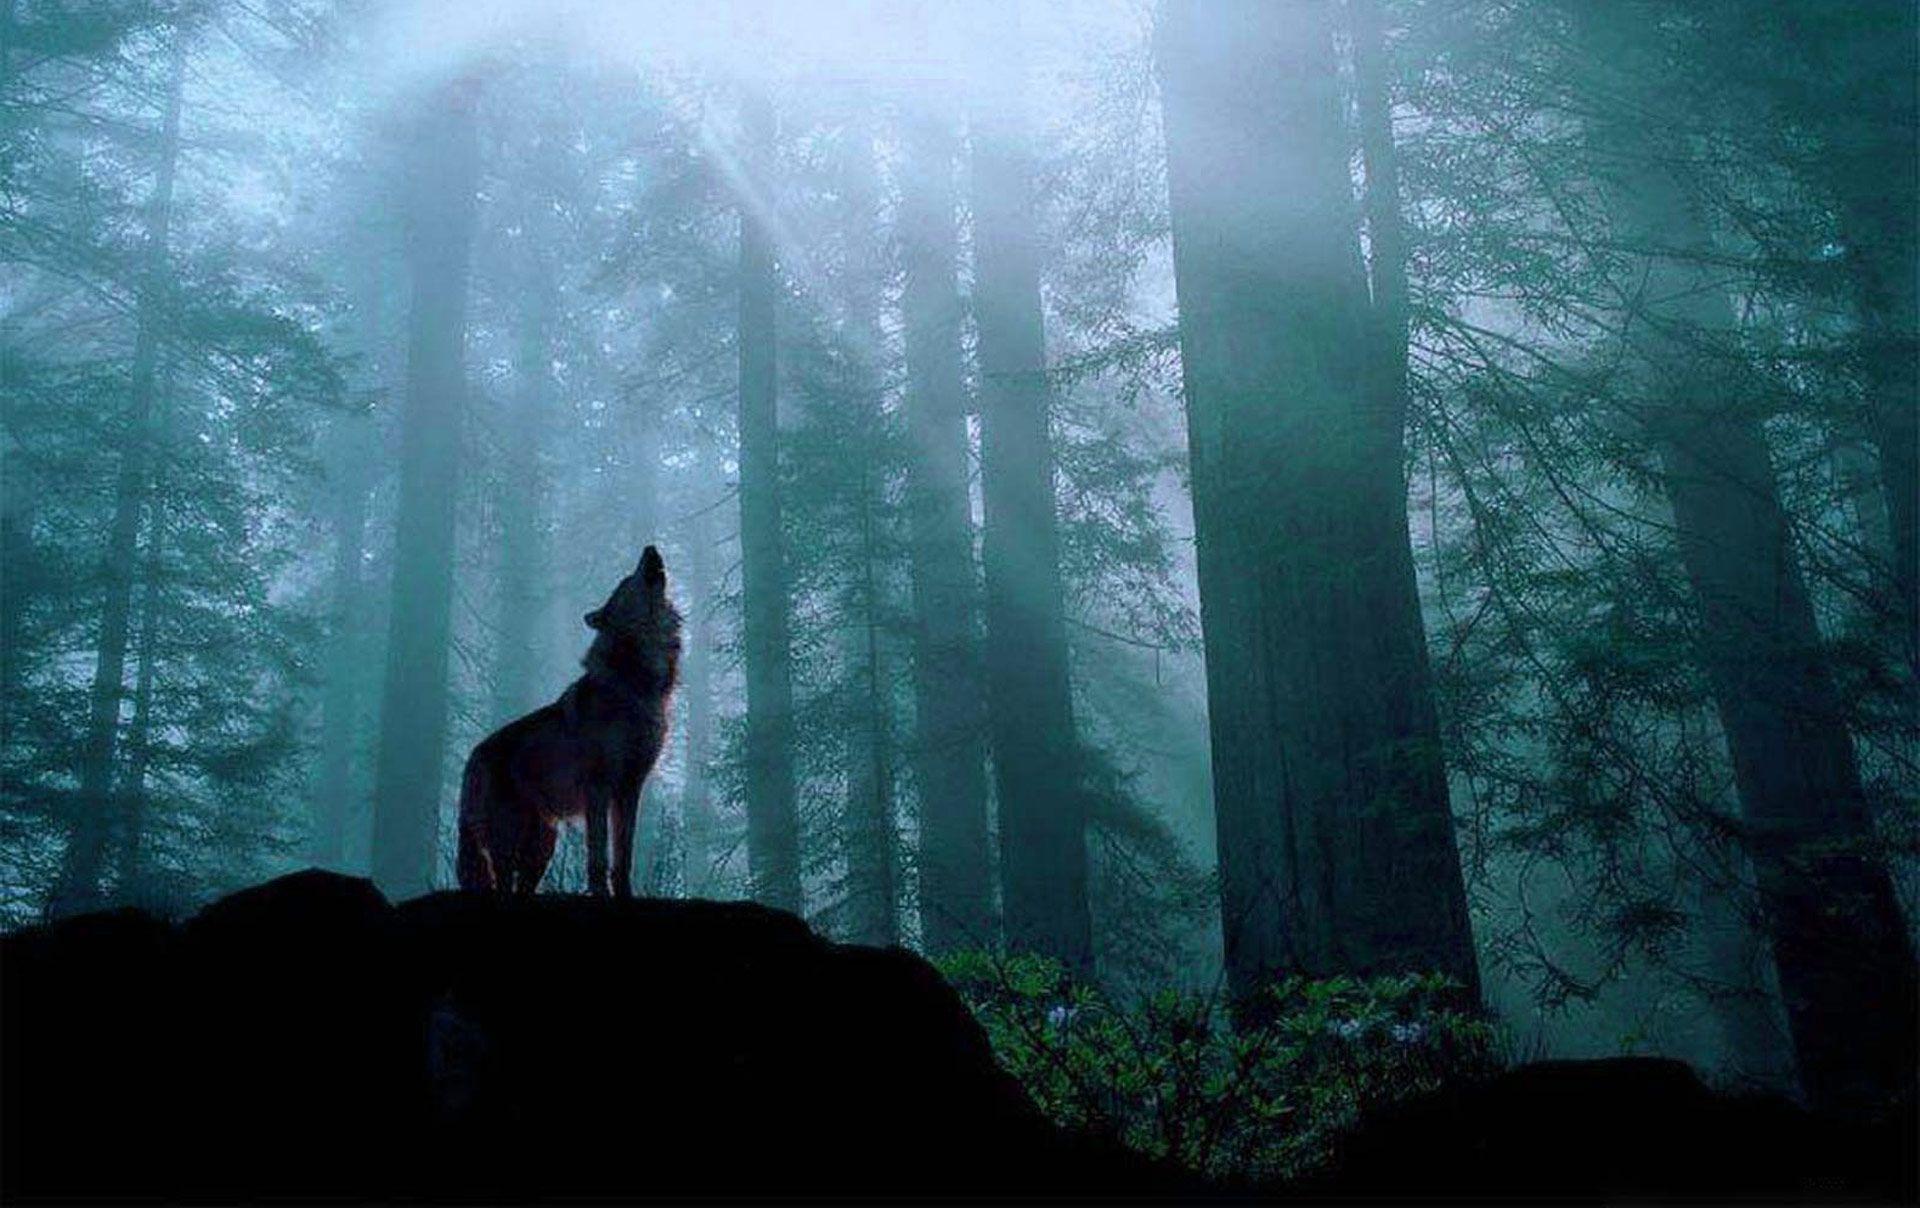 Imagenes De Lobo Para Fondo De Pantalla: Fondo Pantalla Lobo En Bosque